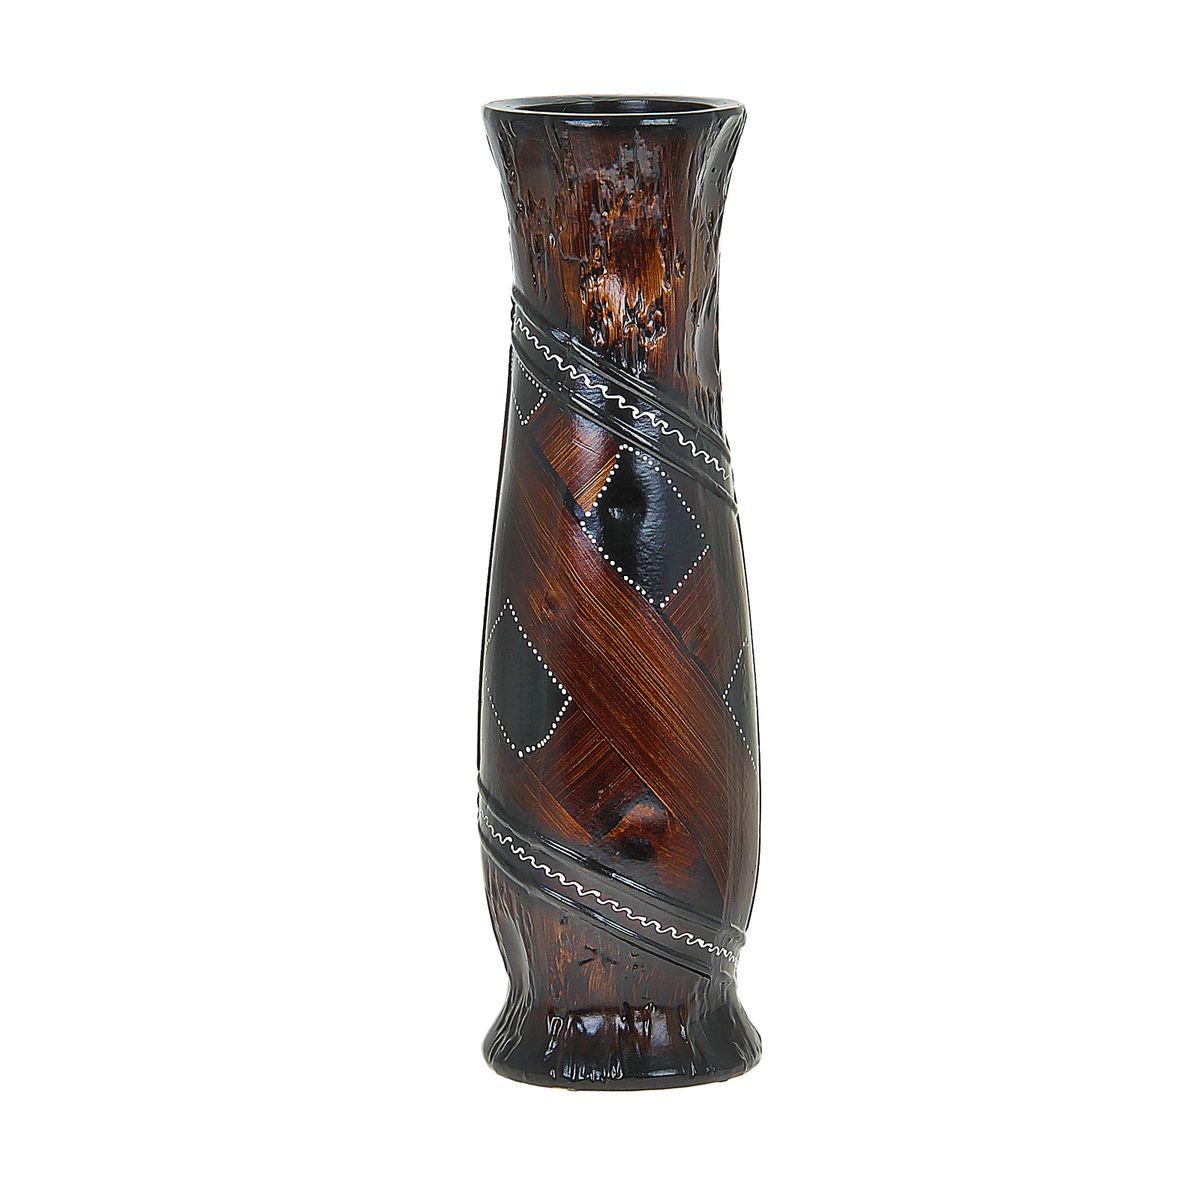 Ваза напольная Вставка, цвет: коричневый, высота 60 см. 851267851267Керамика